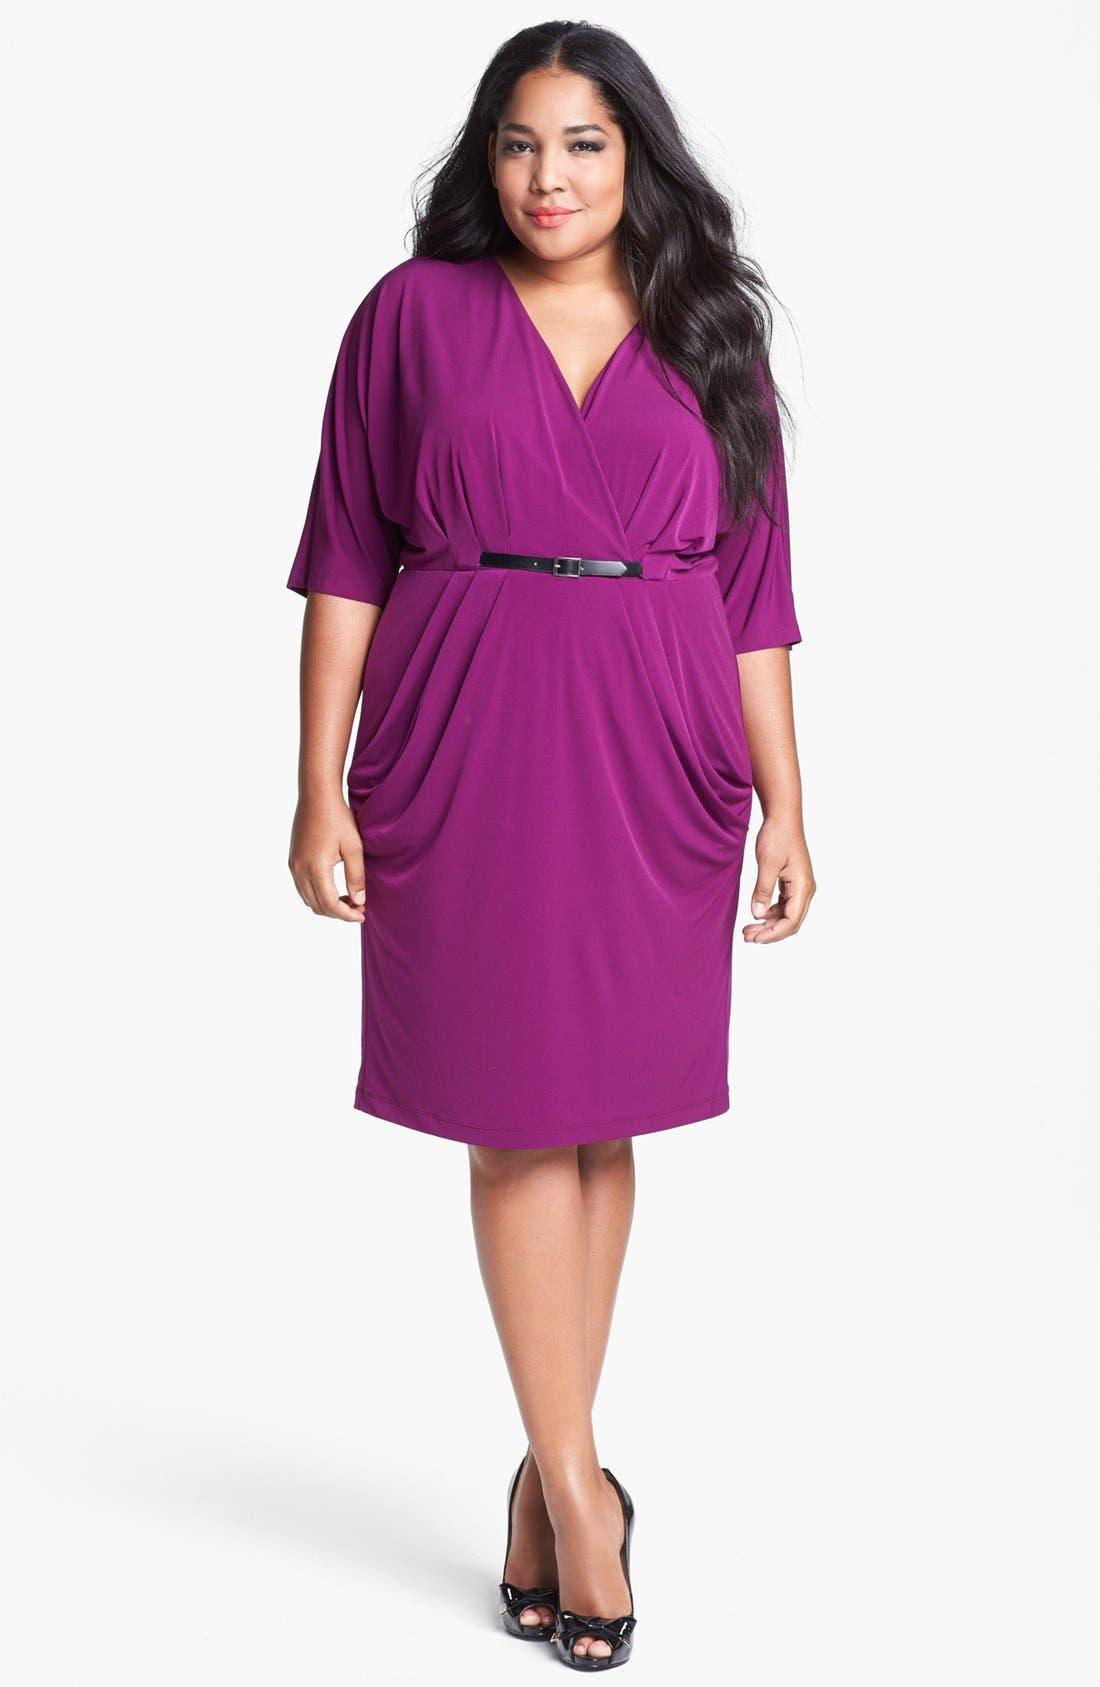 Main Image - Ivy & Blu Draped Dress (Plus Size)